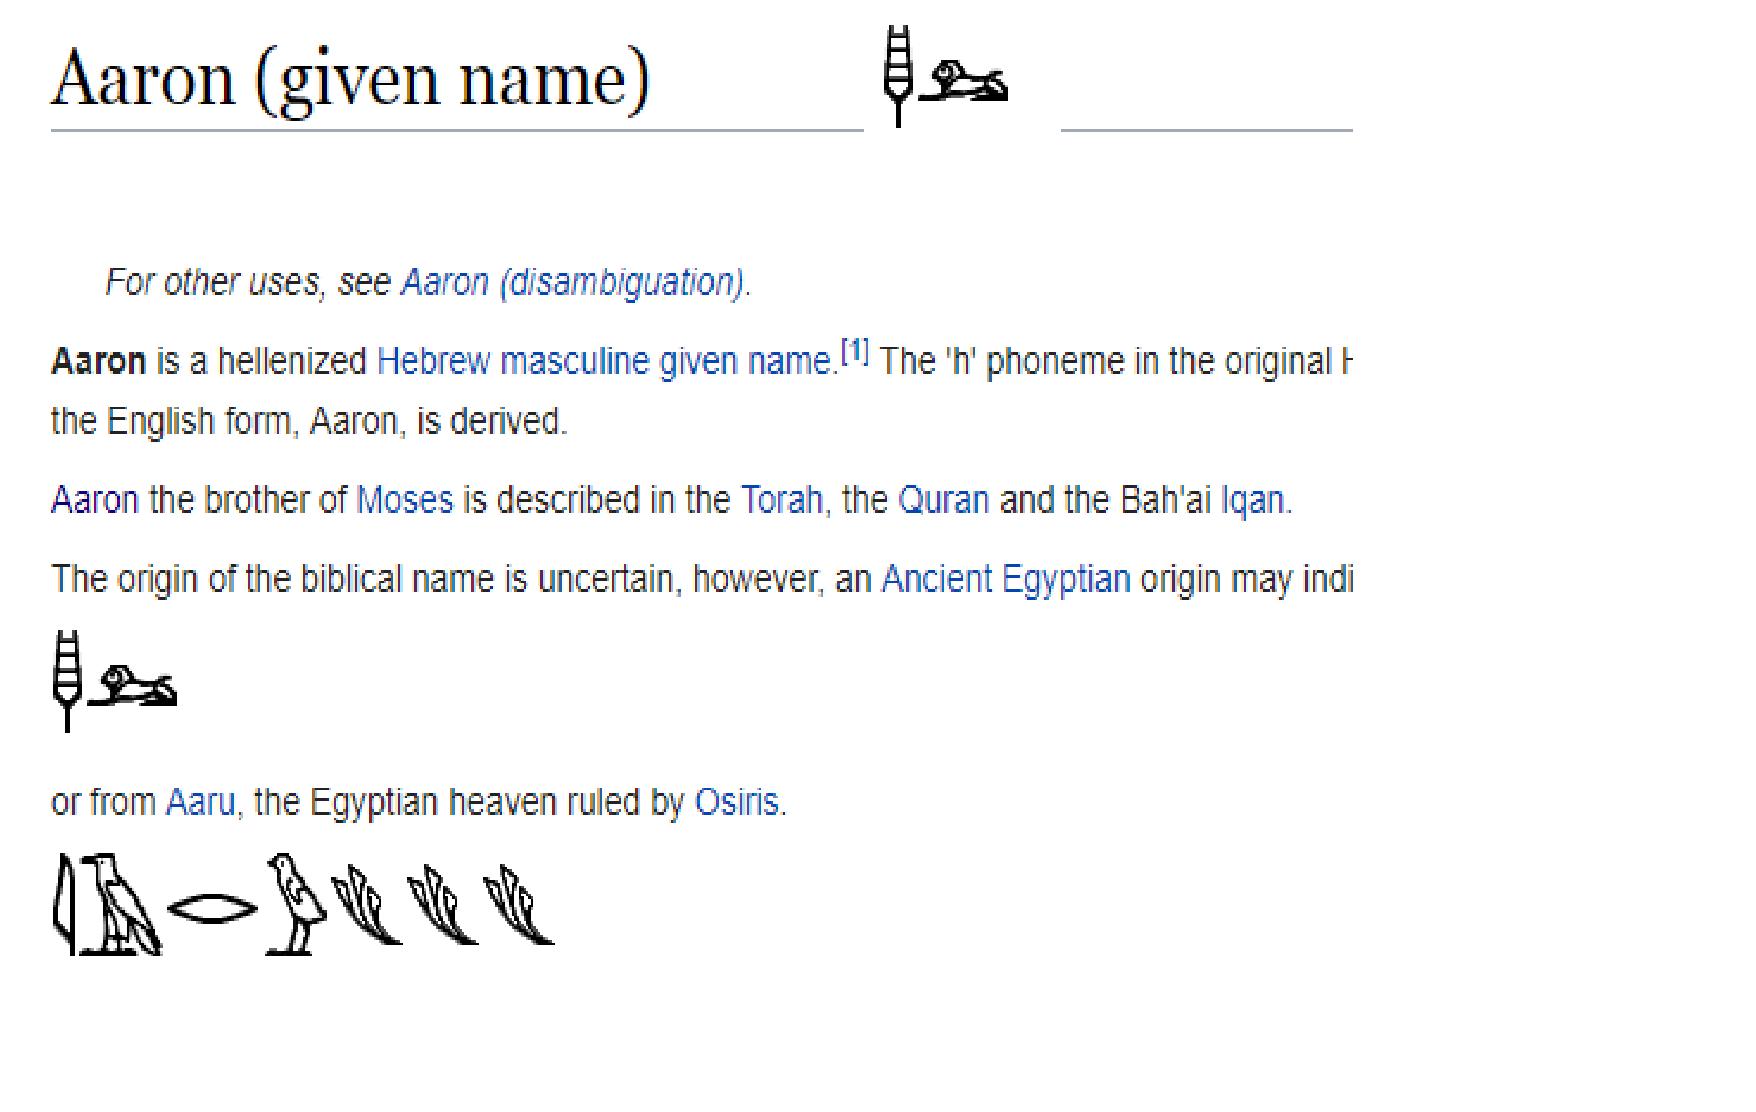 Aaron, name